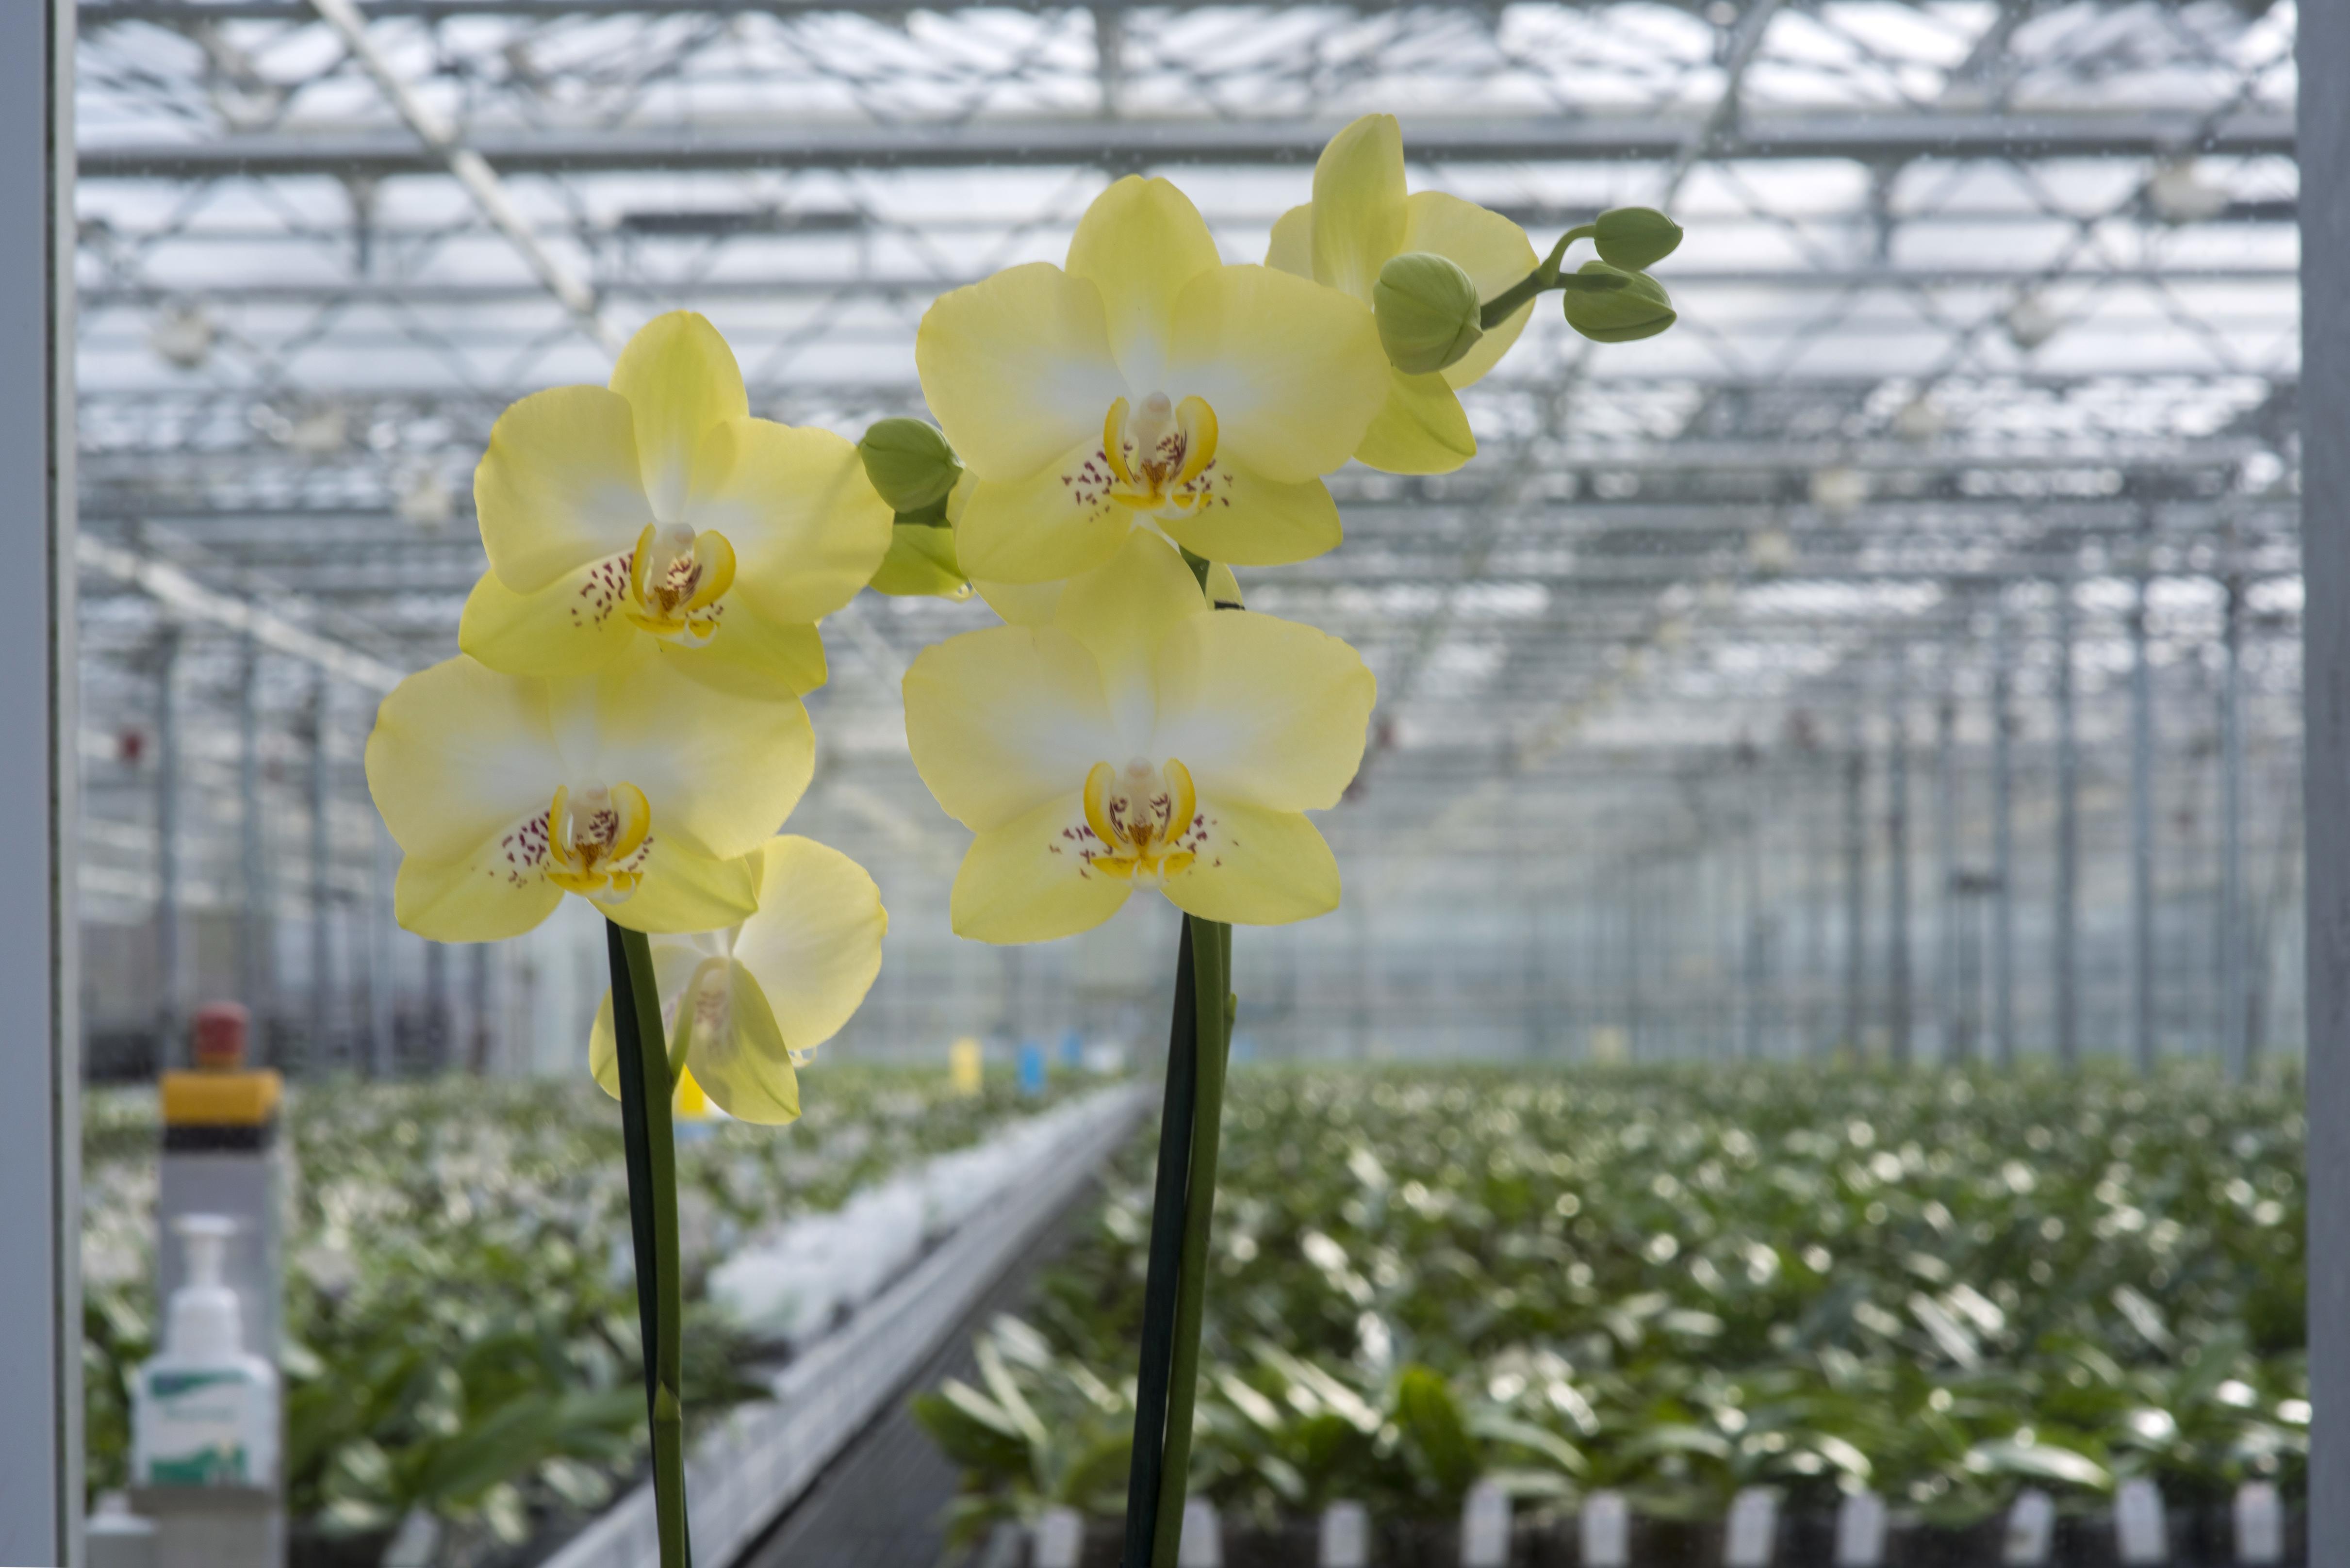 Minstens 35 jaar aardwarmte voor Floricultura voor de duurzame kweek van orchideeën